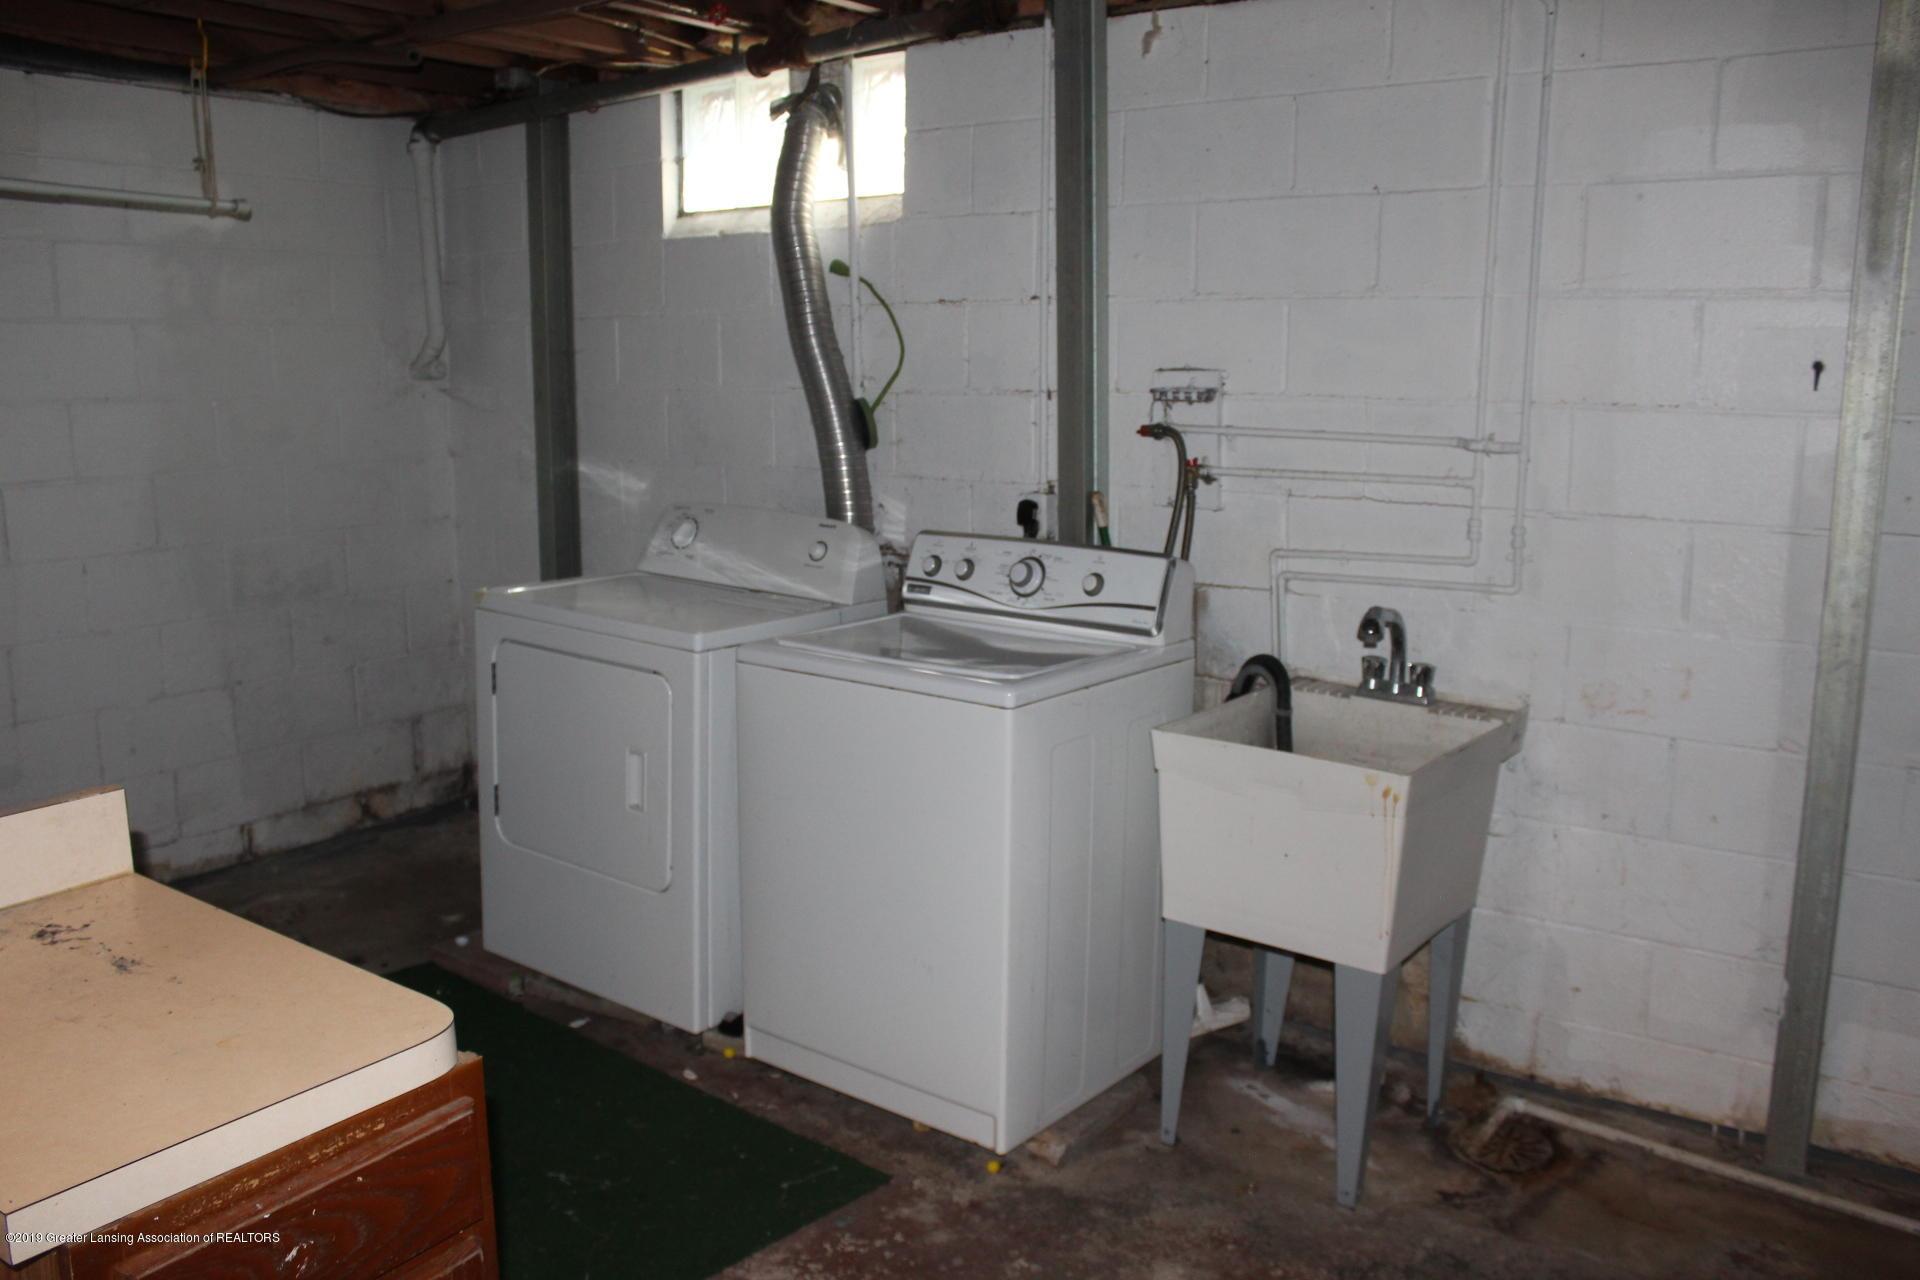 234 N Hagadorn Rd - Laundry room - 16